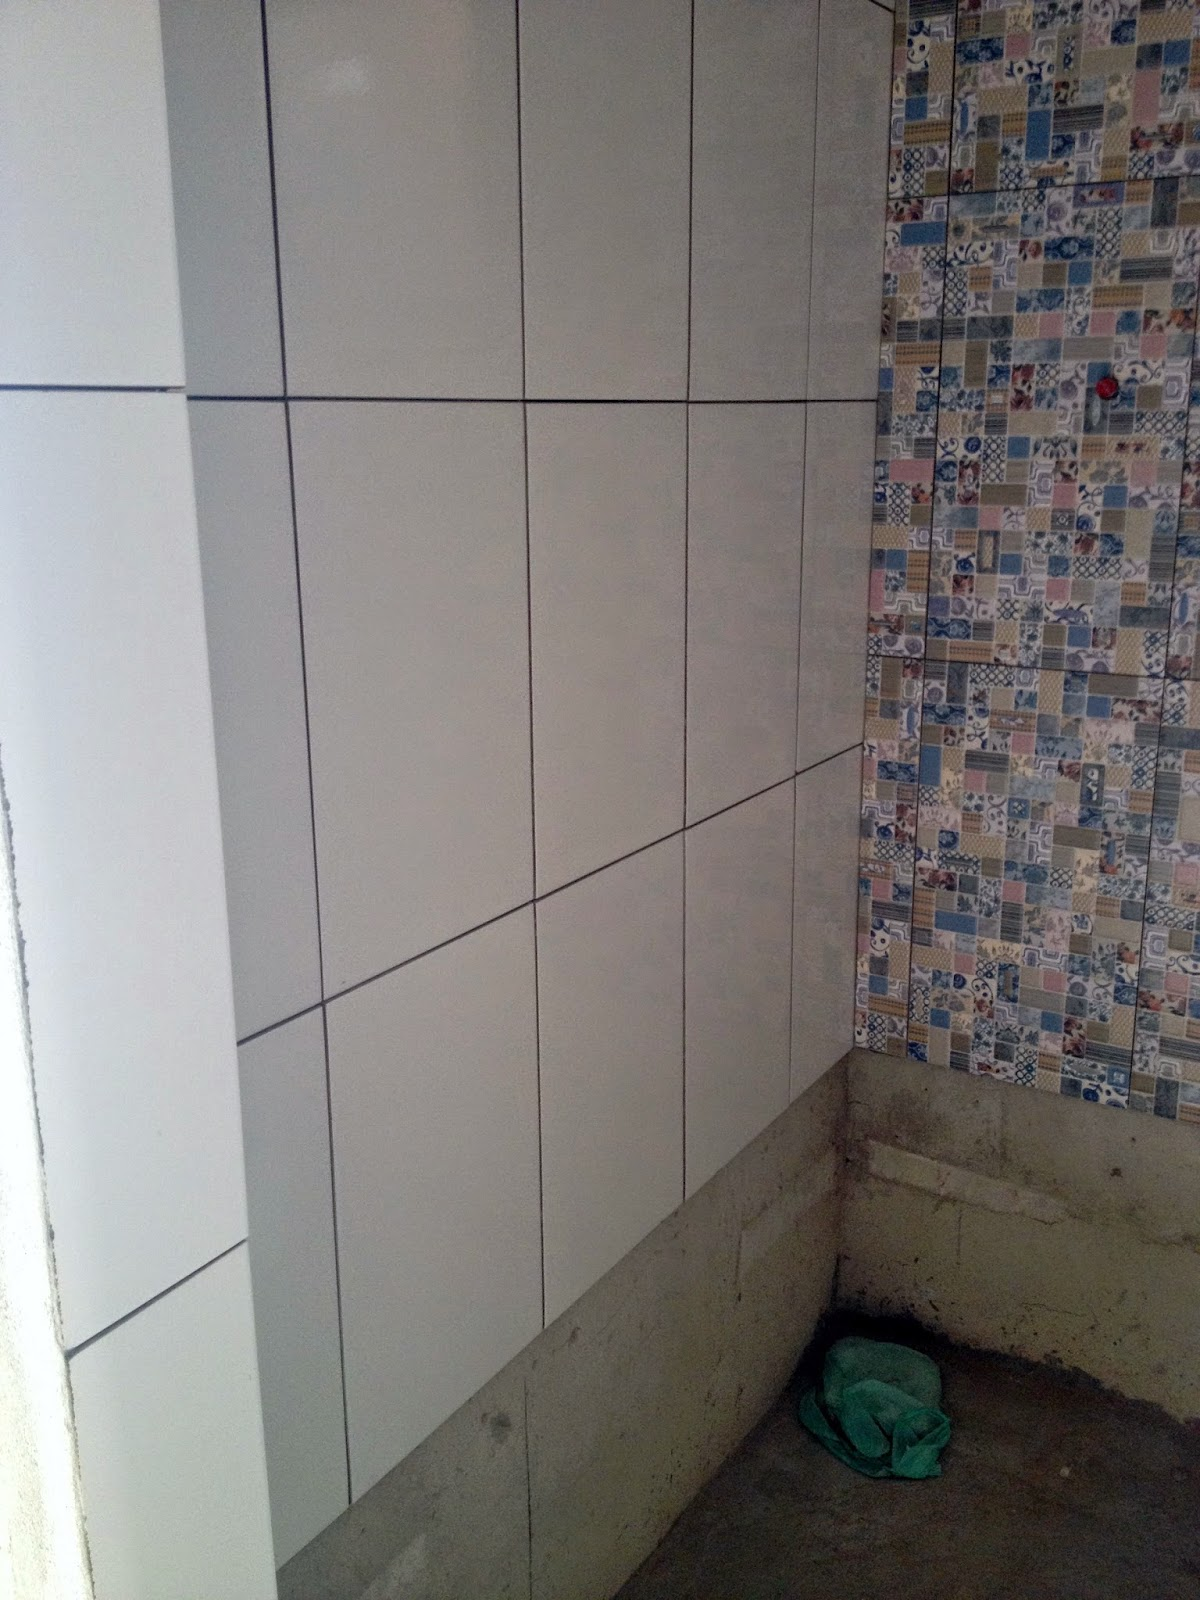 escolha dos revestimentos e piso   fotos da obra Blog Lia  #5A5047 1200 1600